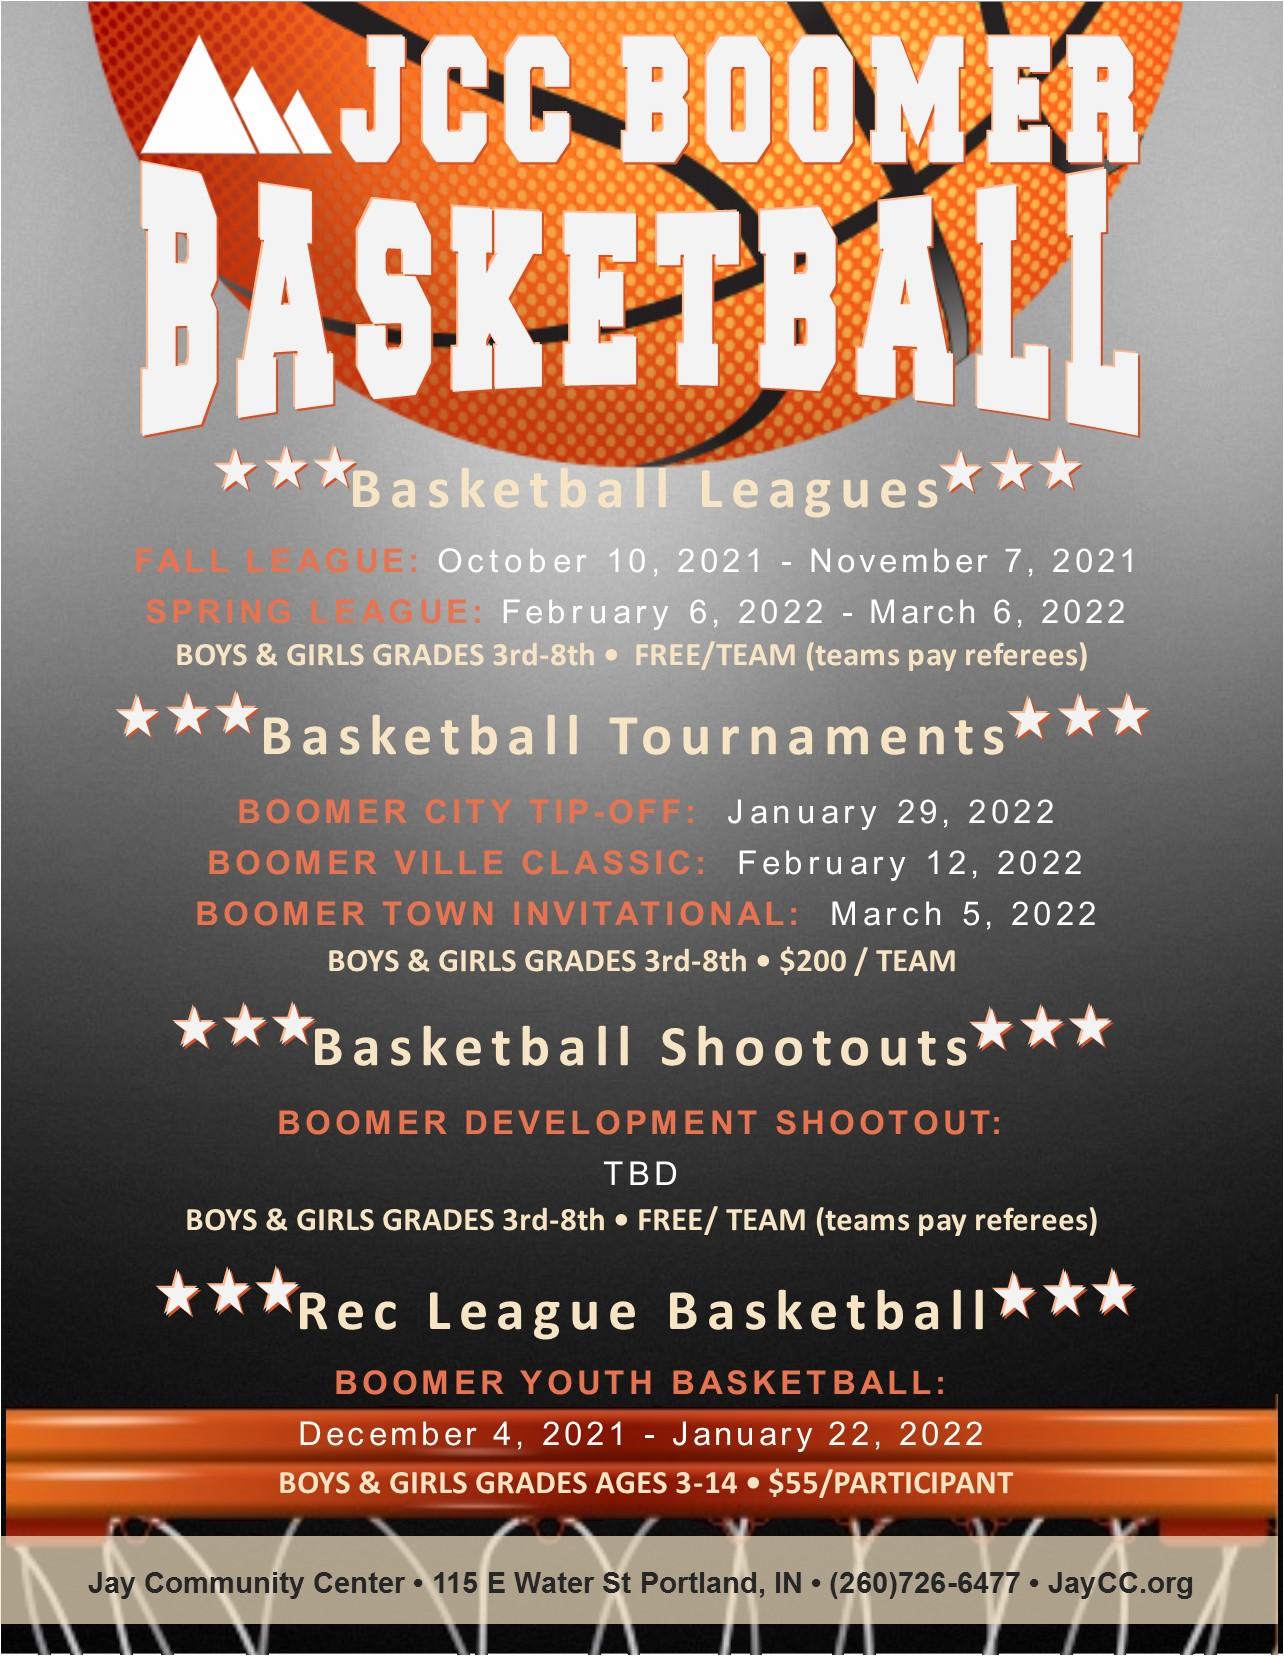 2021-22 Boomer Basketball Flier